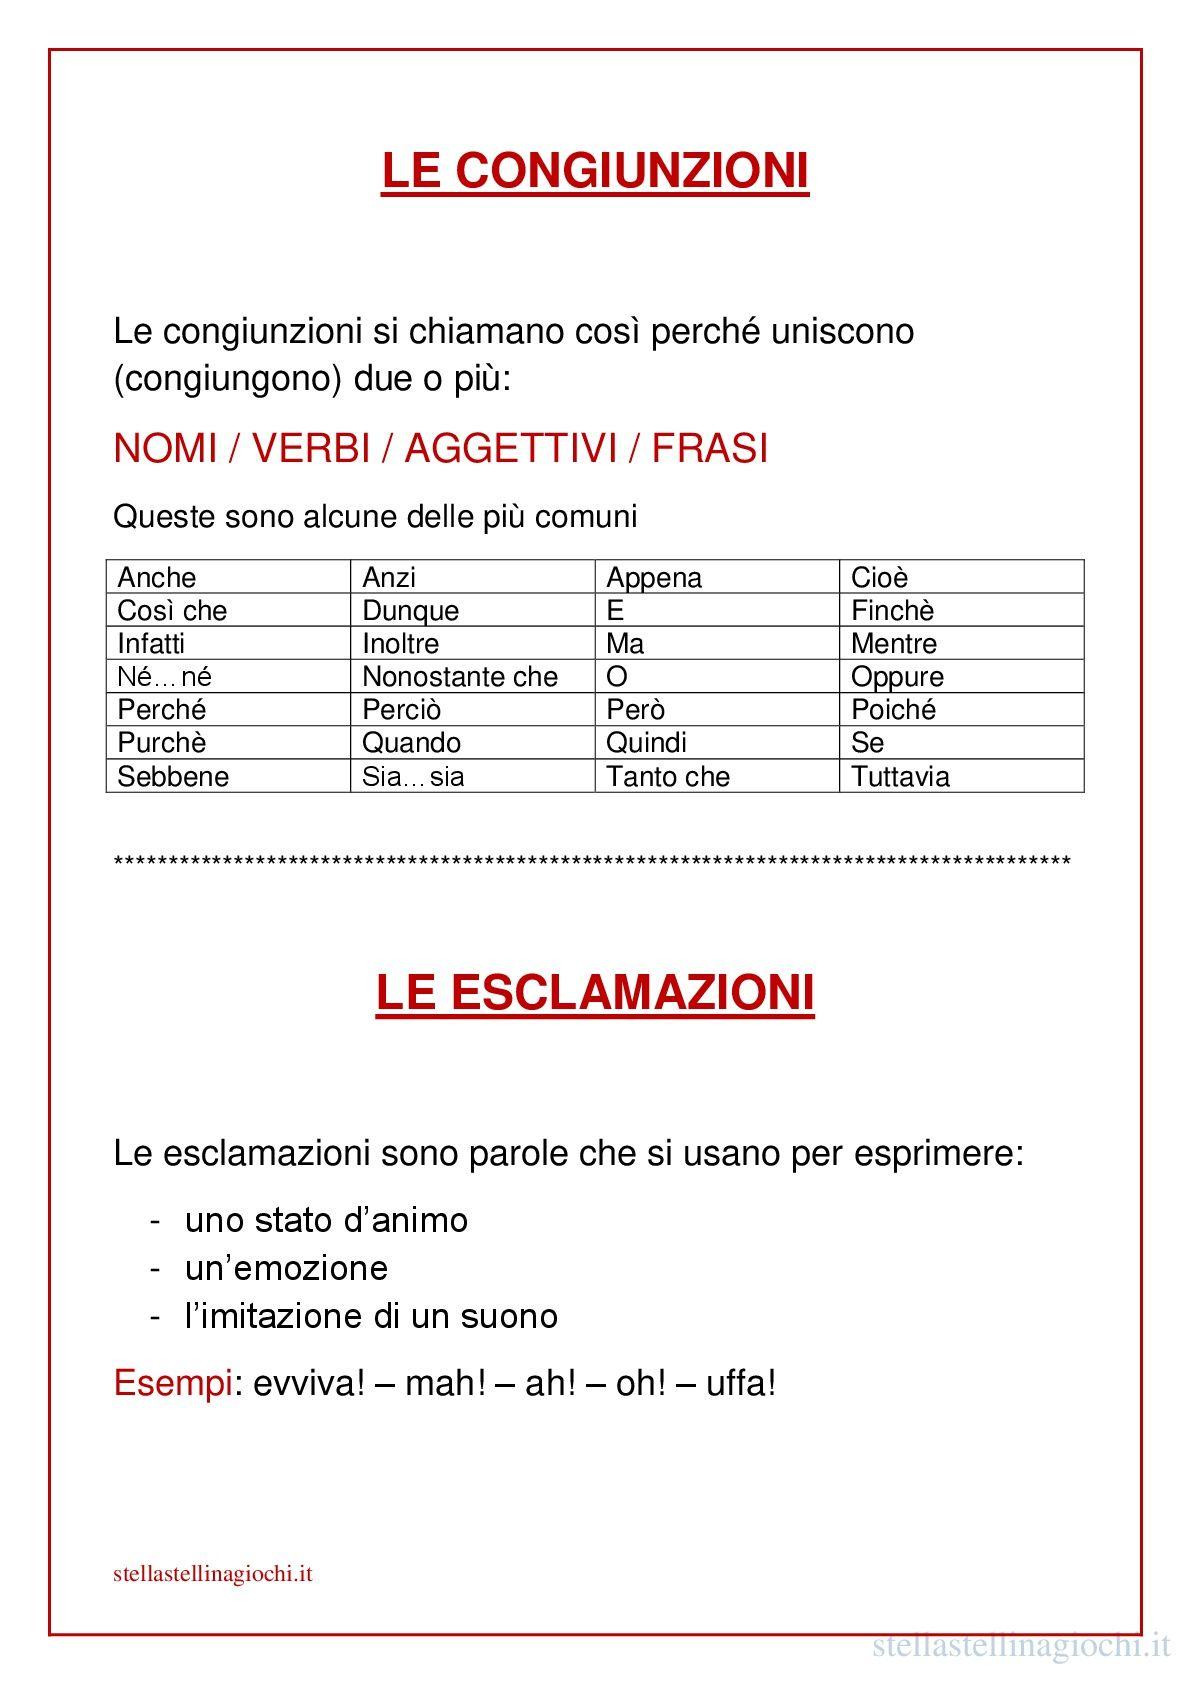 Top Schede didattiche di italiano. Le congiunzioni e le esclamazioni  RU09